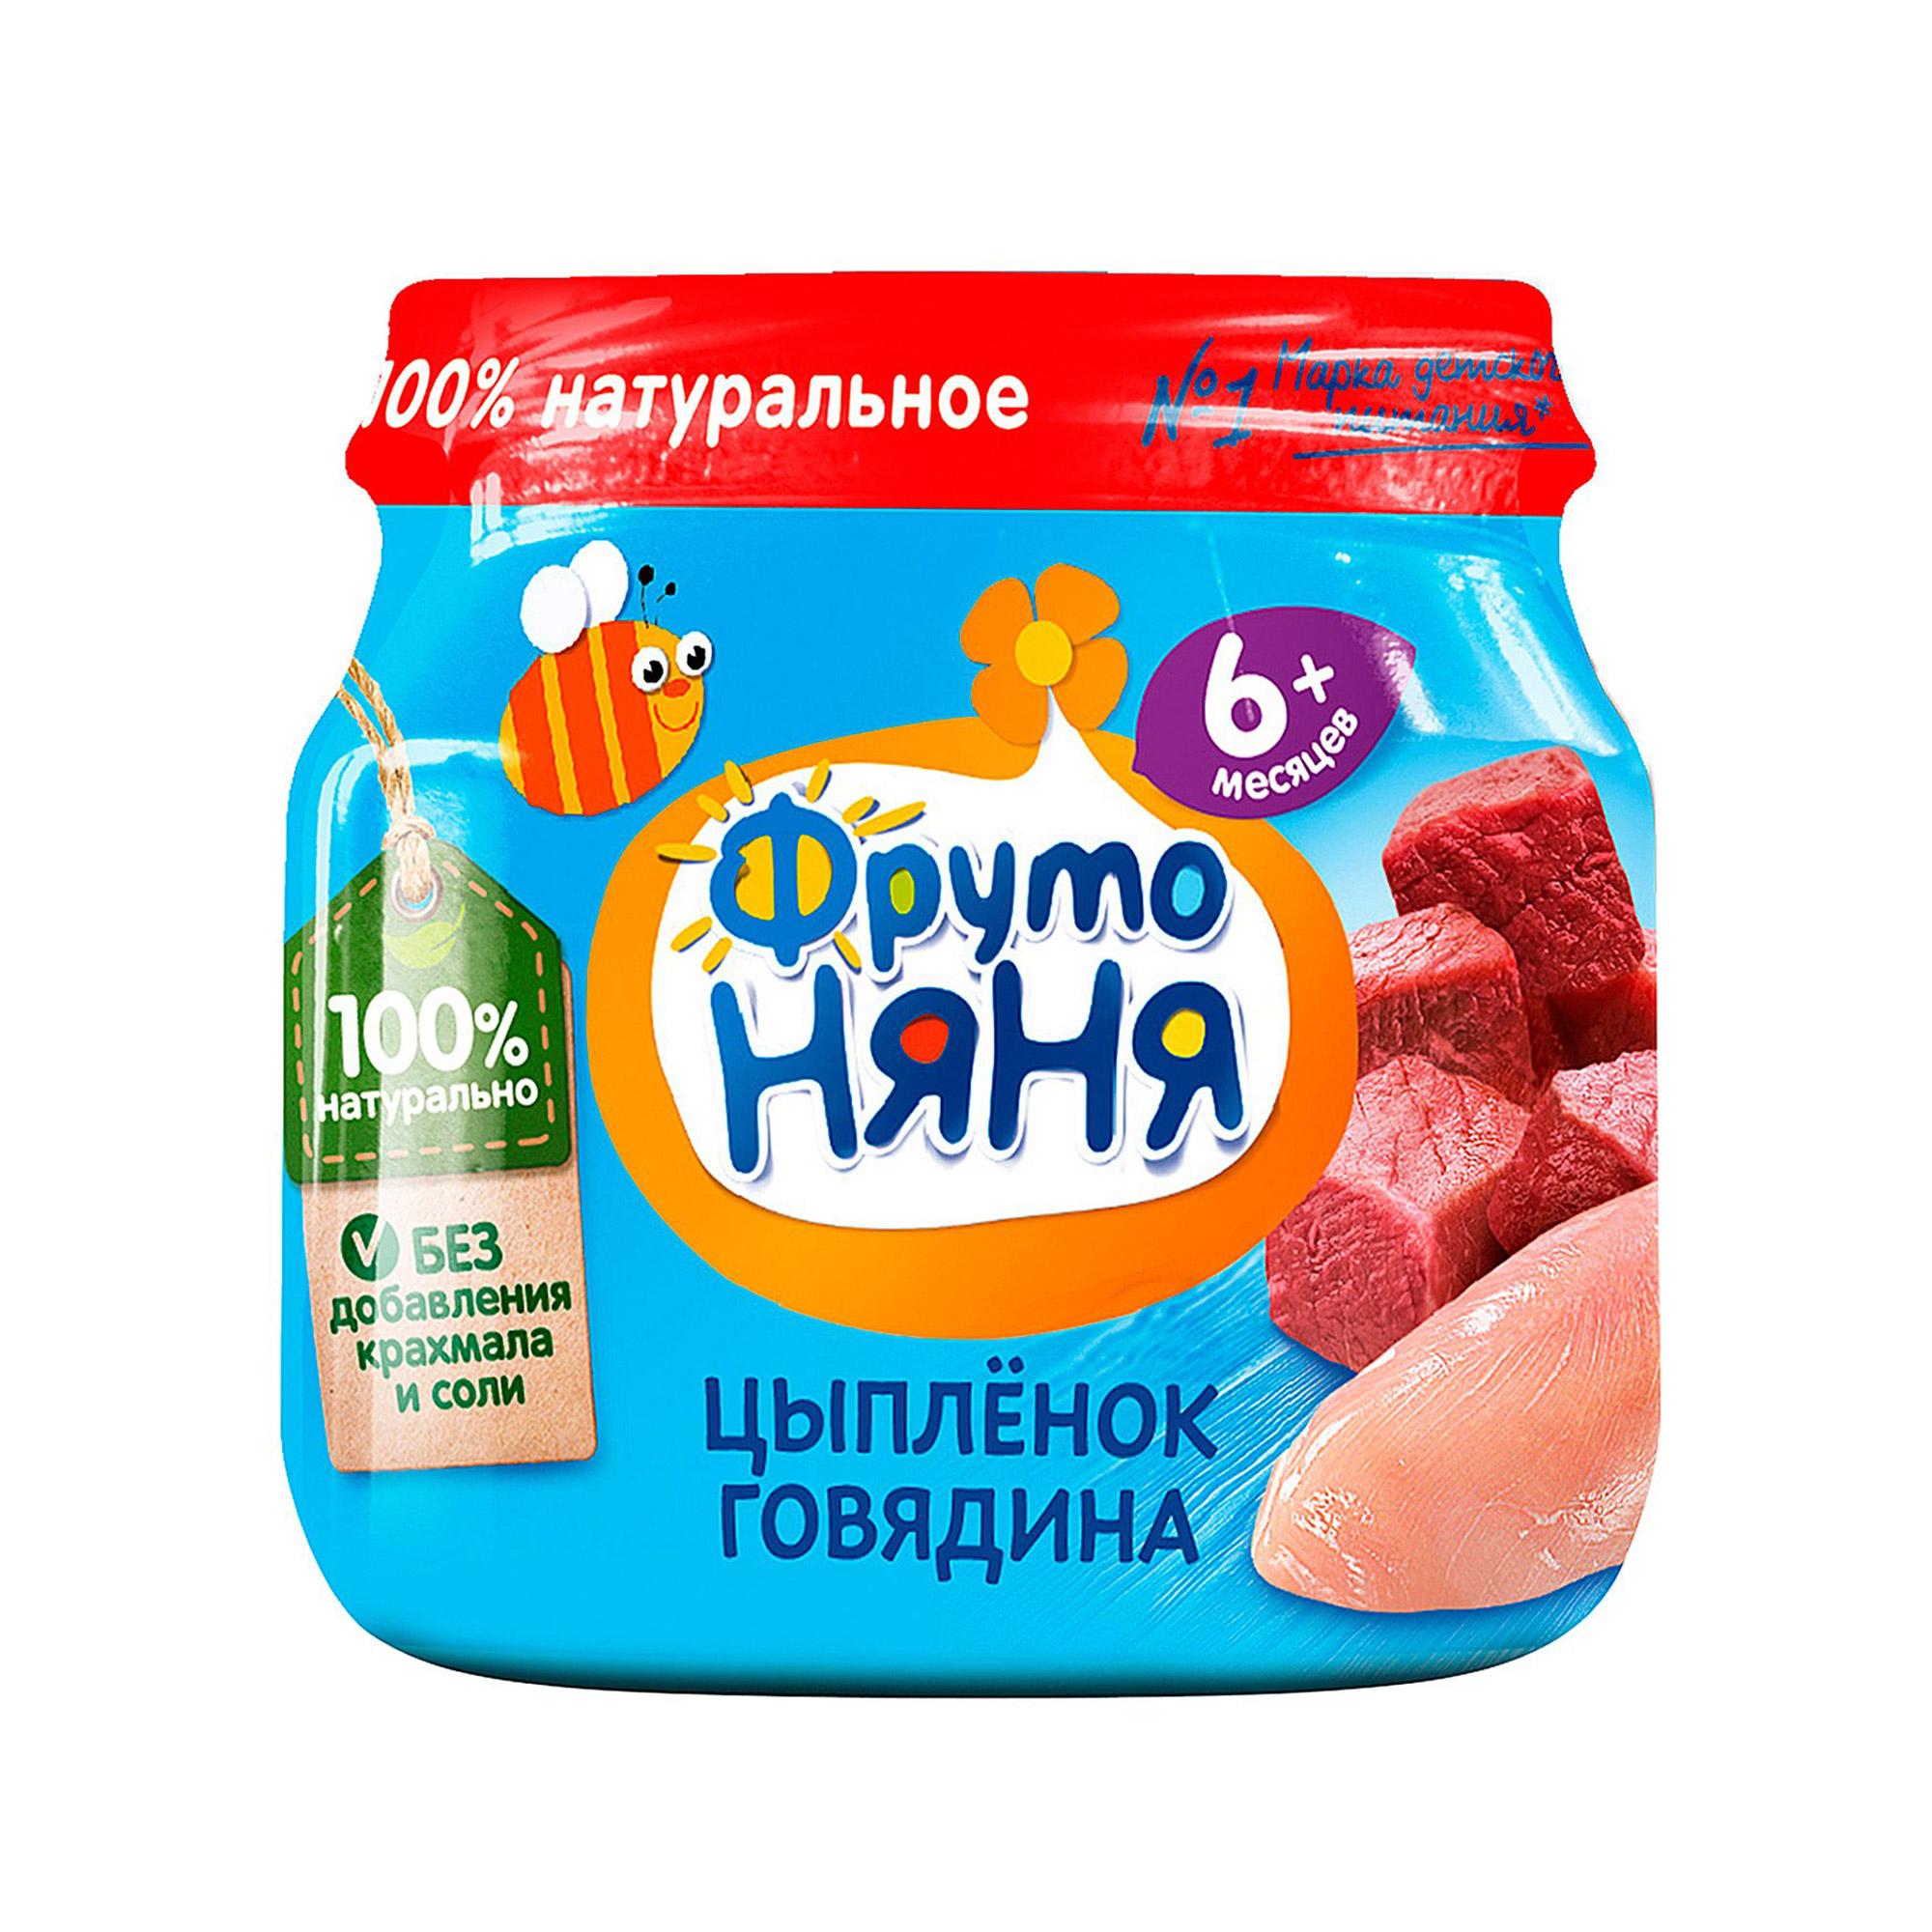 Пюре ФрутоНяня цыпленок-говядина с 6 месяцев 80 г пюре фрутоняня organic груша с 4 мес 80 г фрутоняня